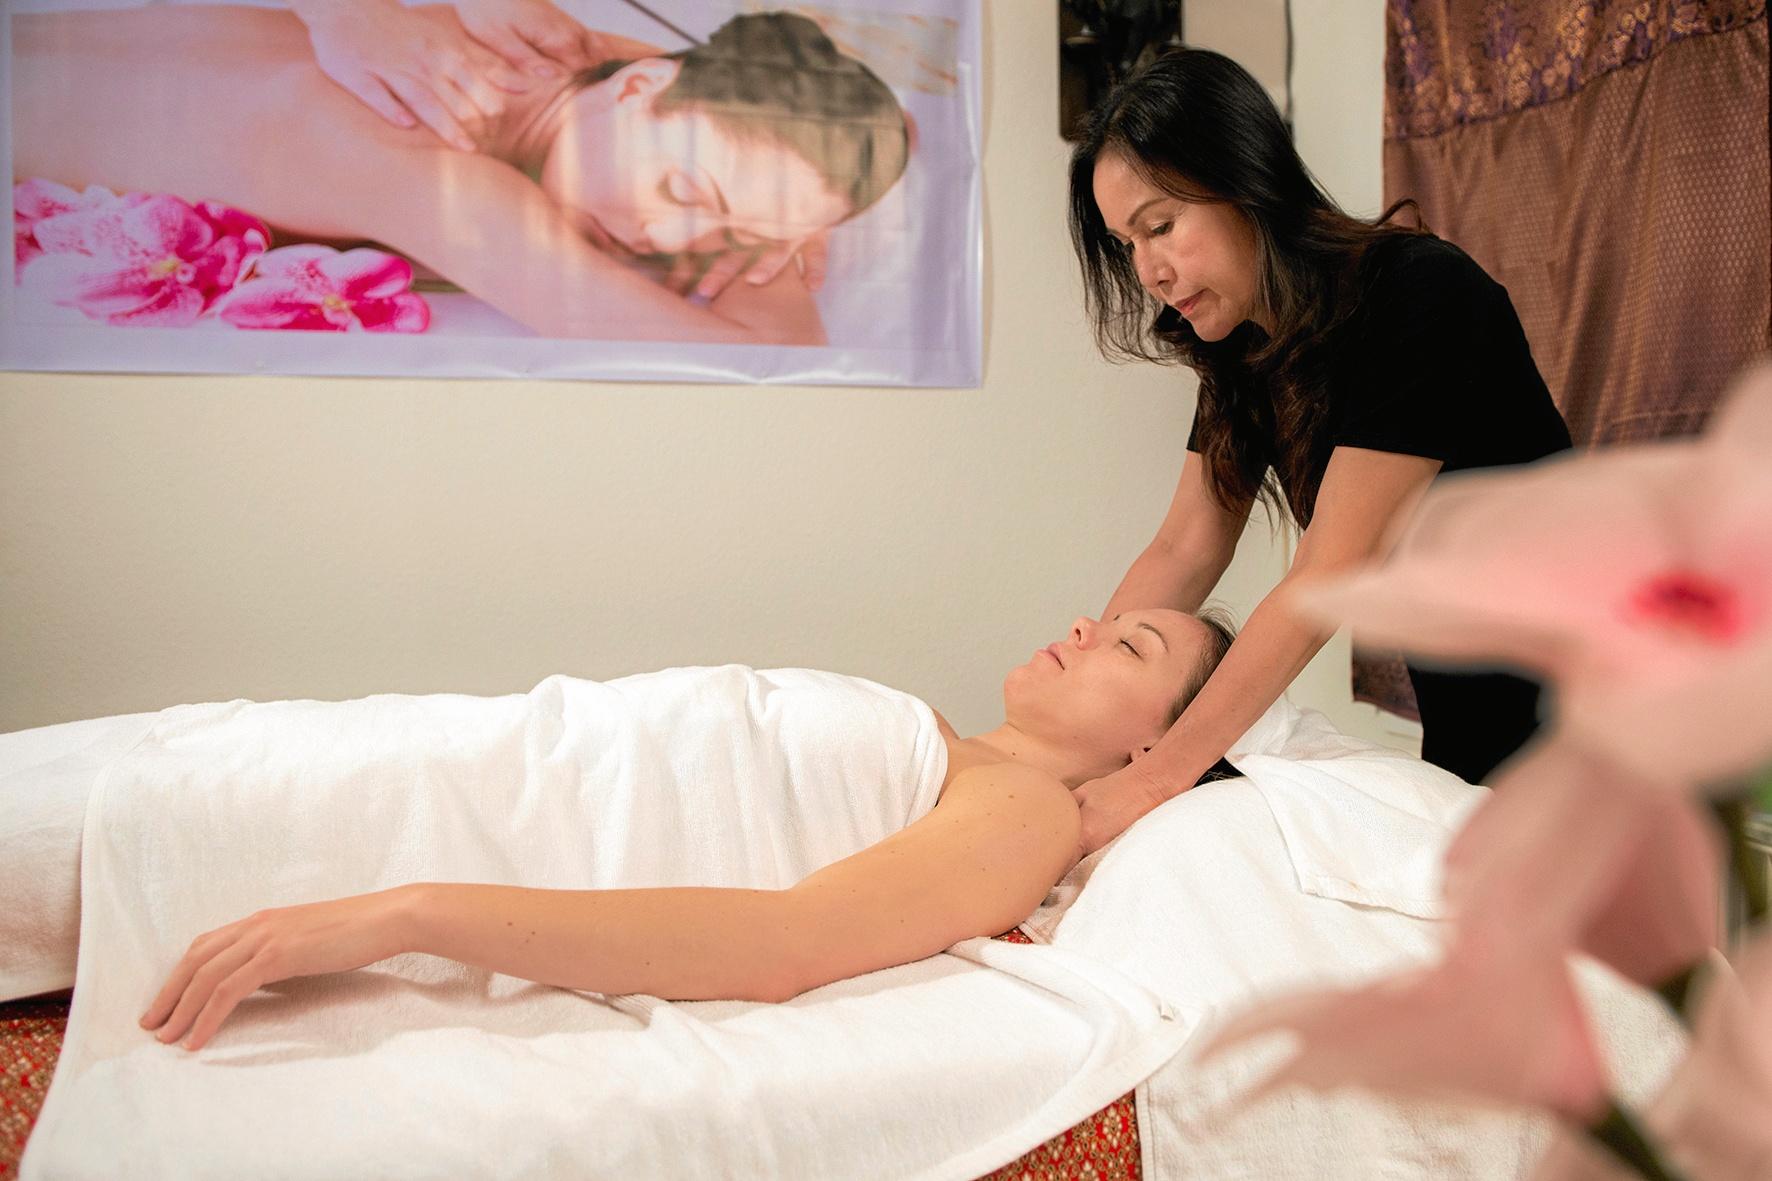 thai massage nykøbing sjælland unge liderlige piger